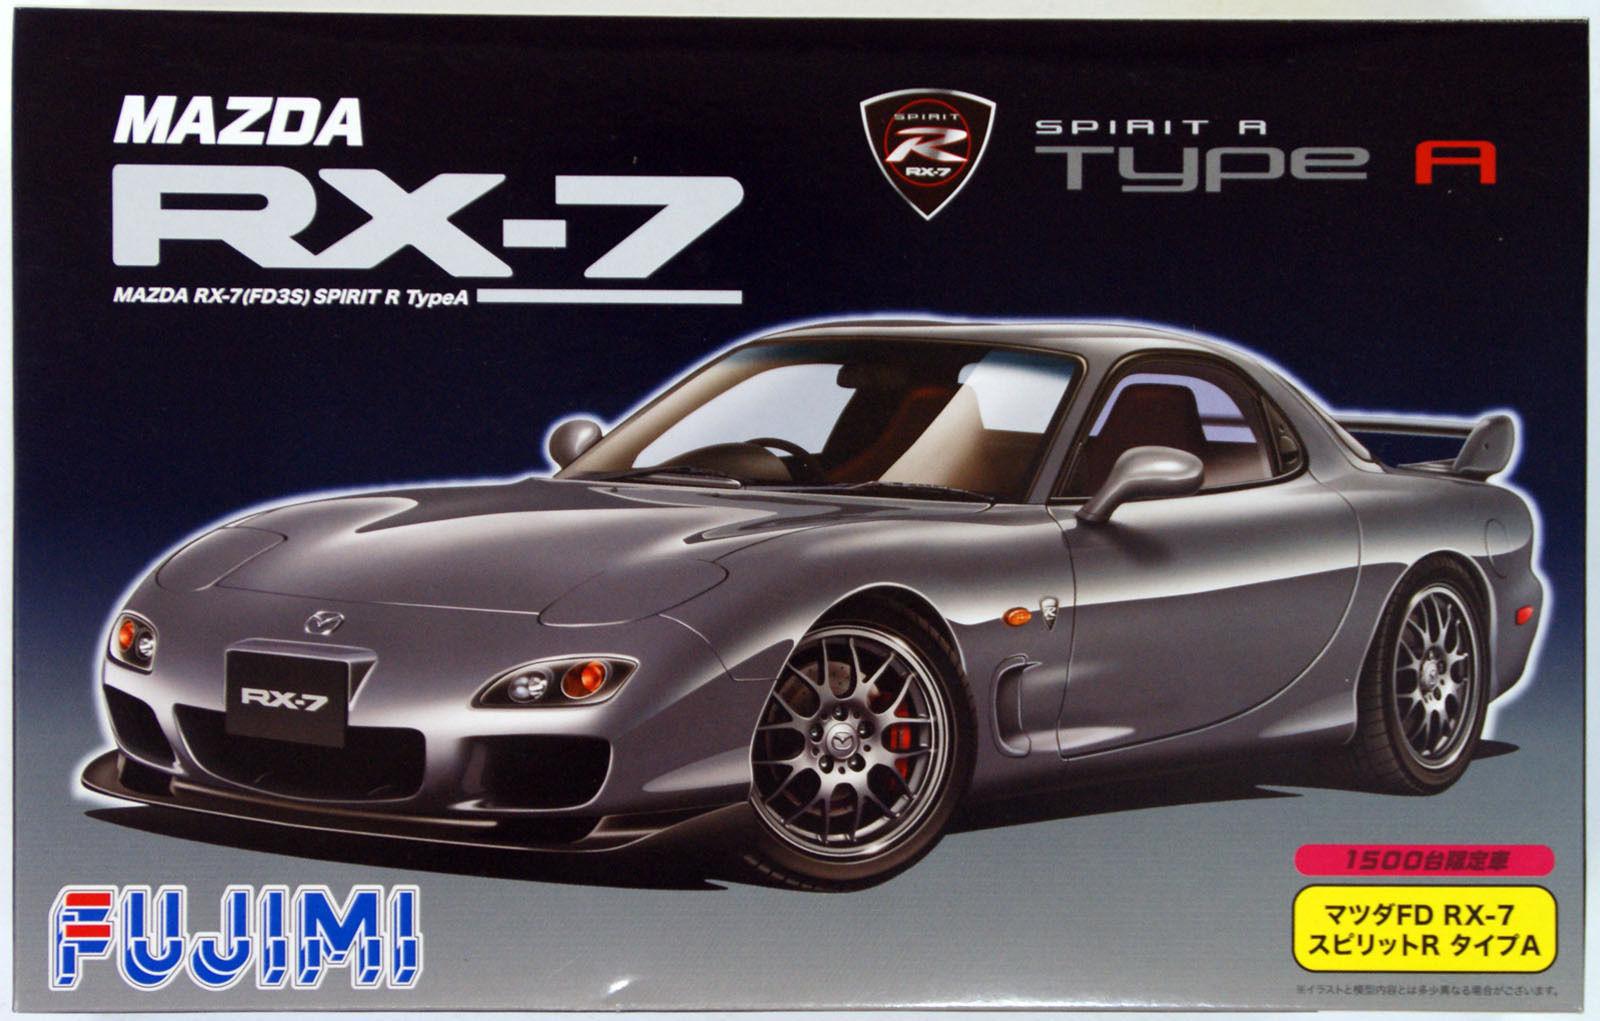 Fujimi: 1/24 Mazda FD3S (RX-7 Spirit Type R) - Model Kit image